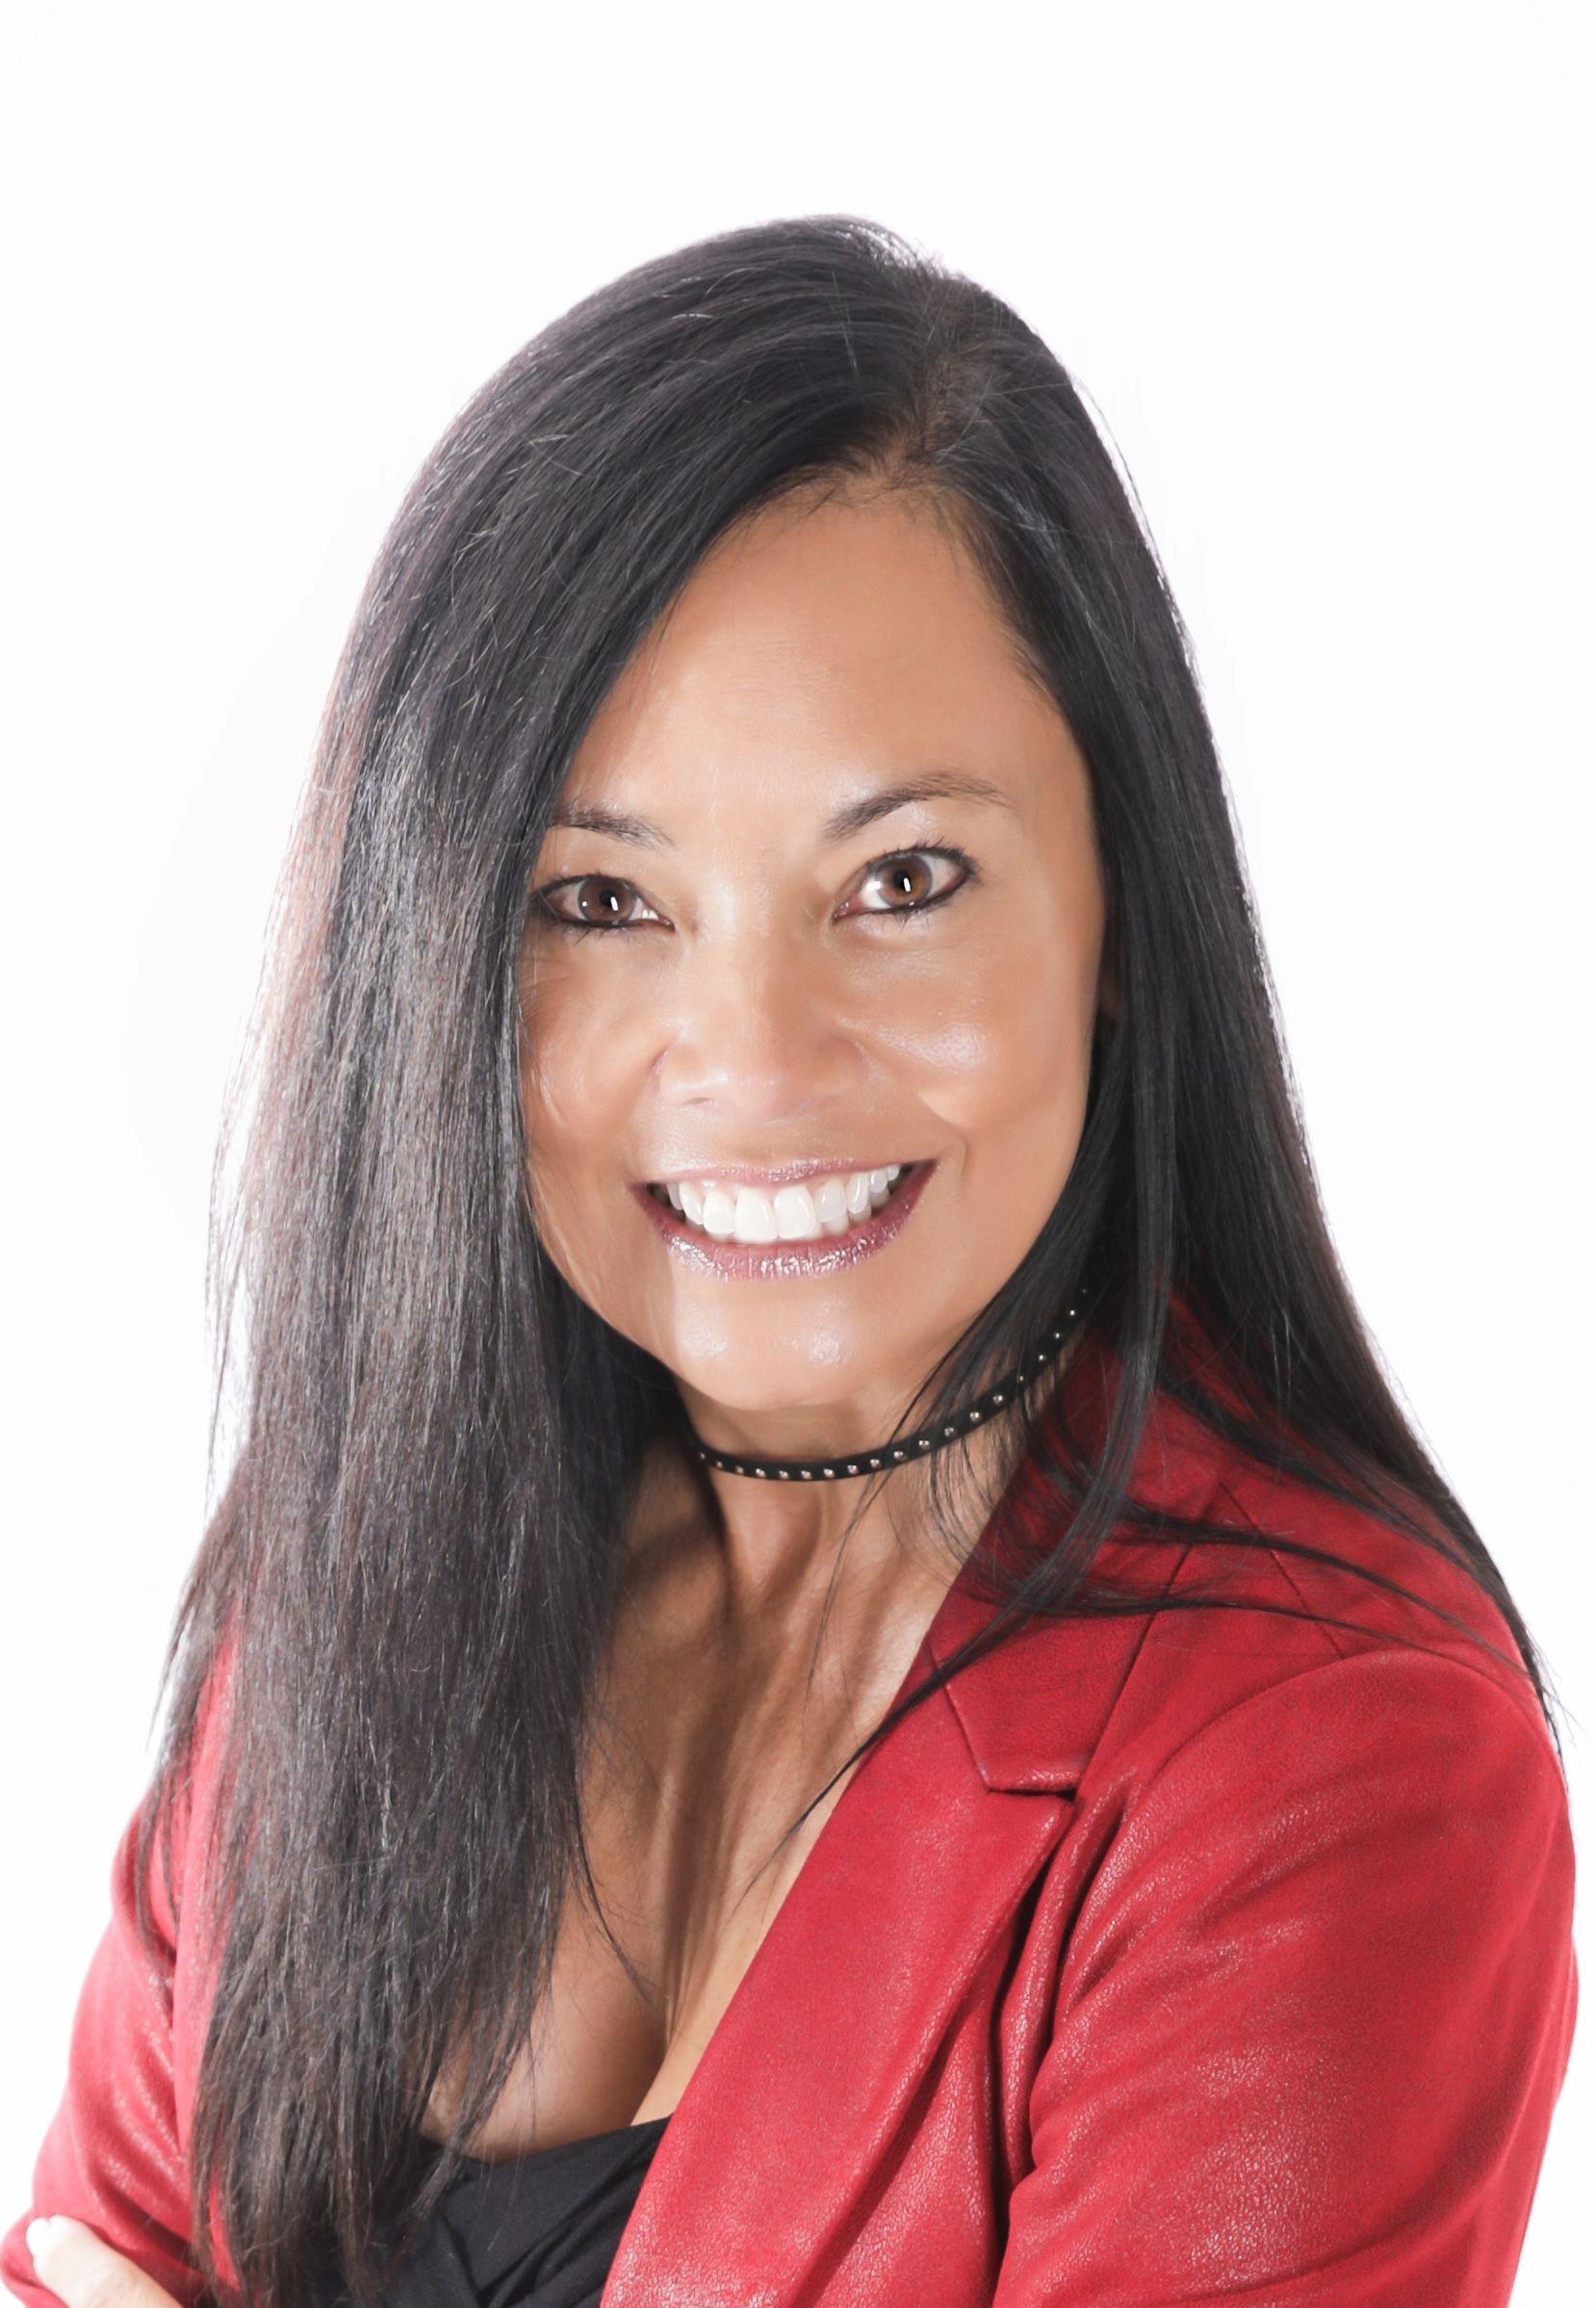 Gina Dizon